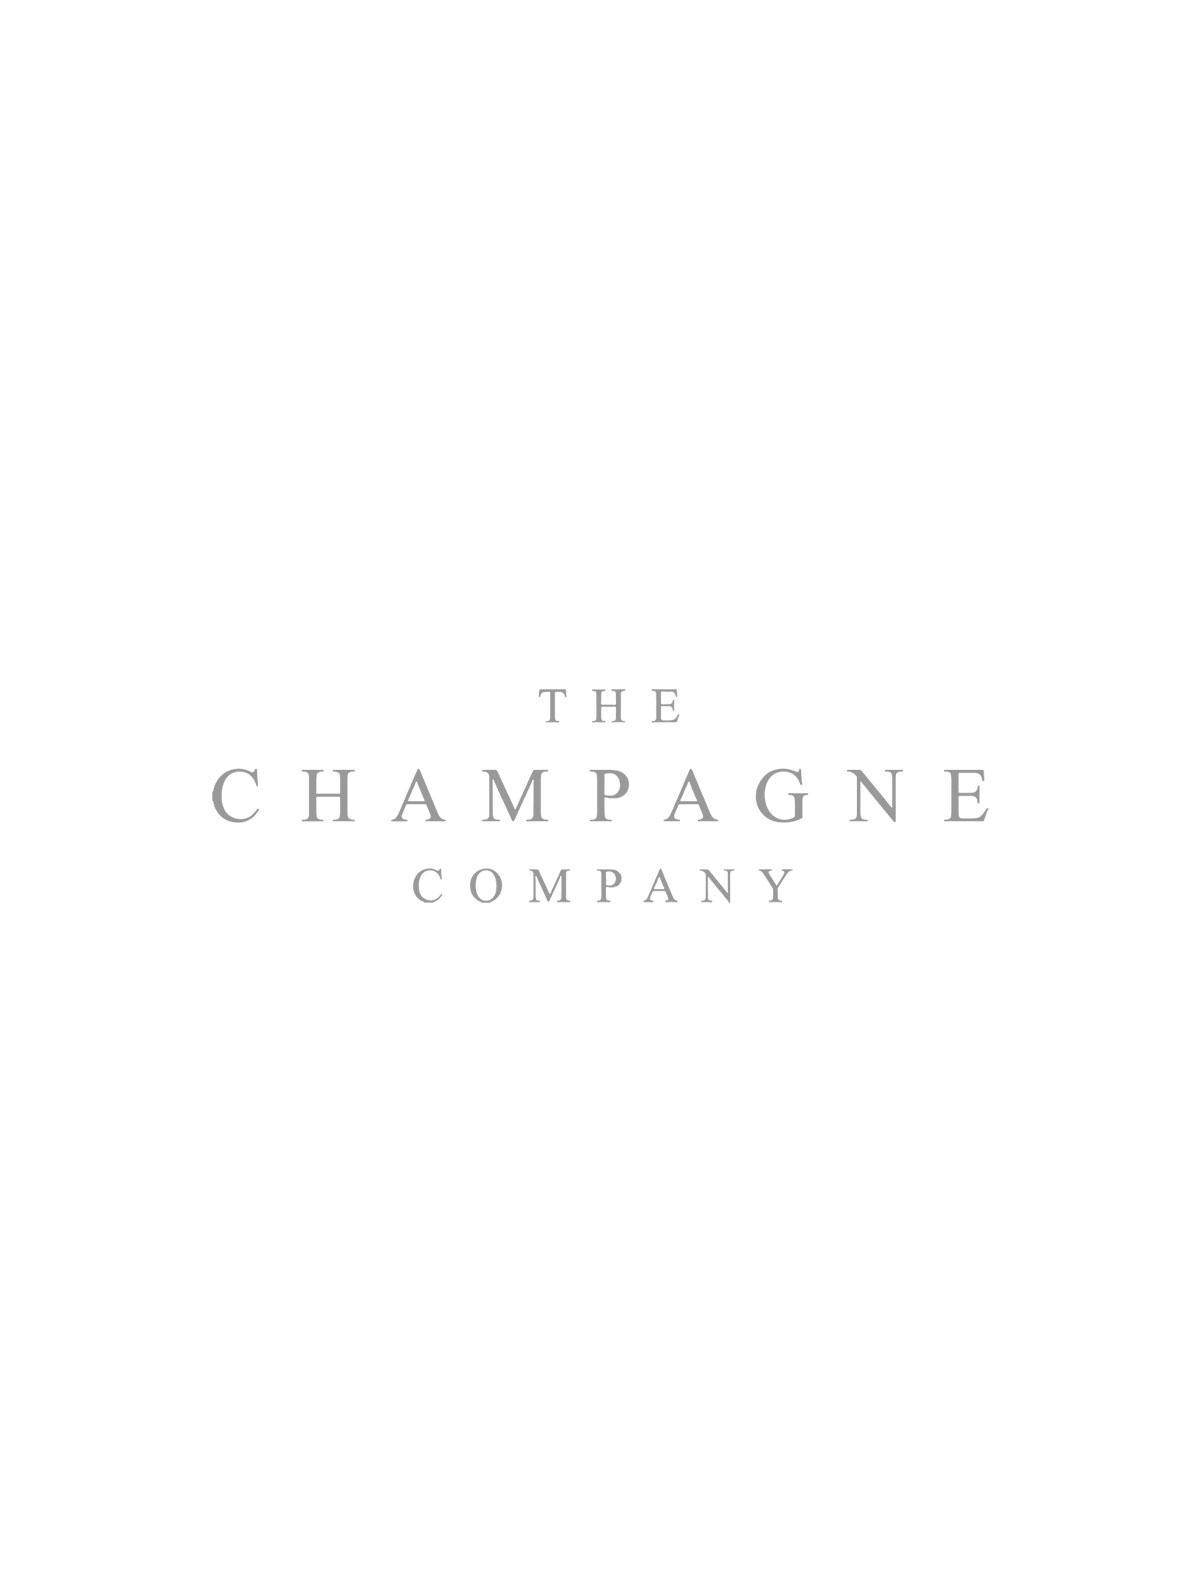 Piper Heidsieck Champagne Magnum Brut NV 150cl